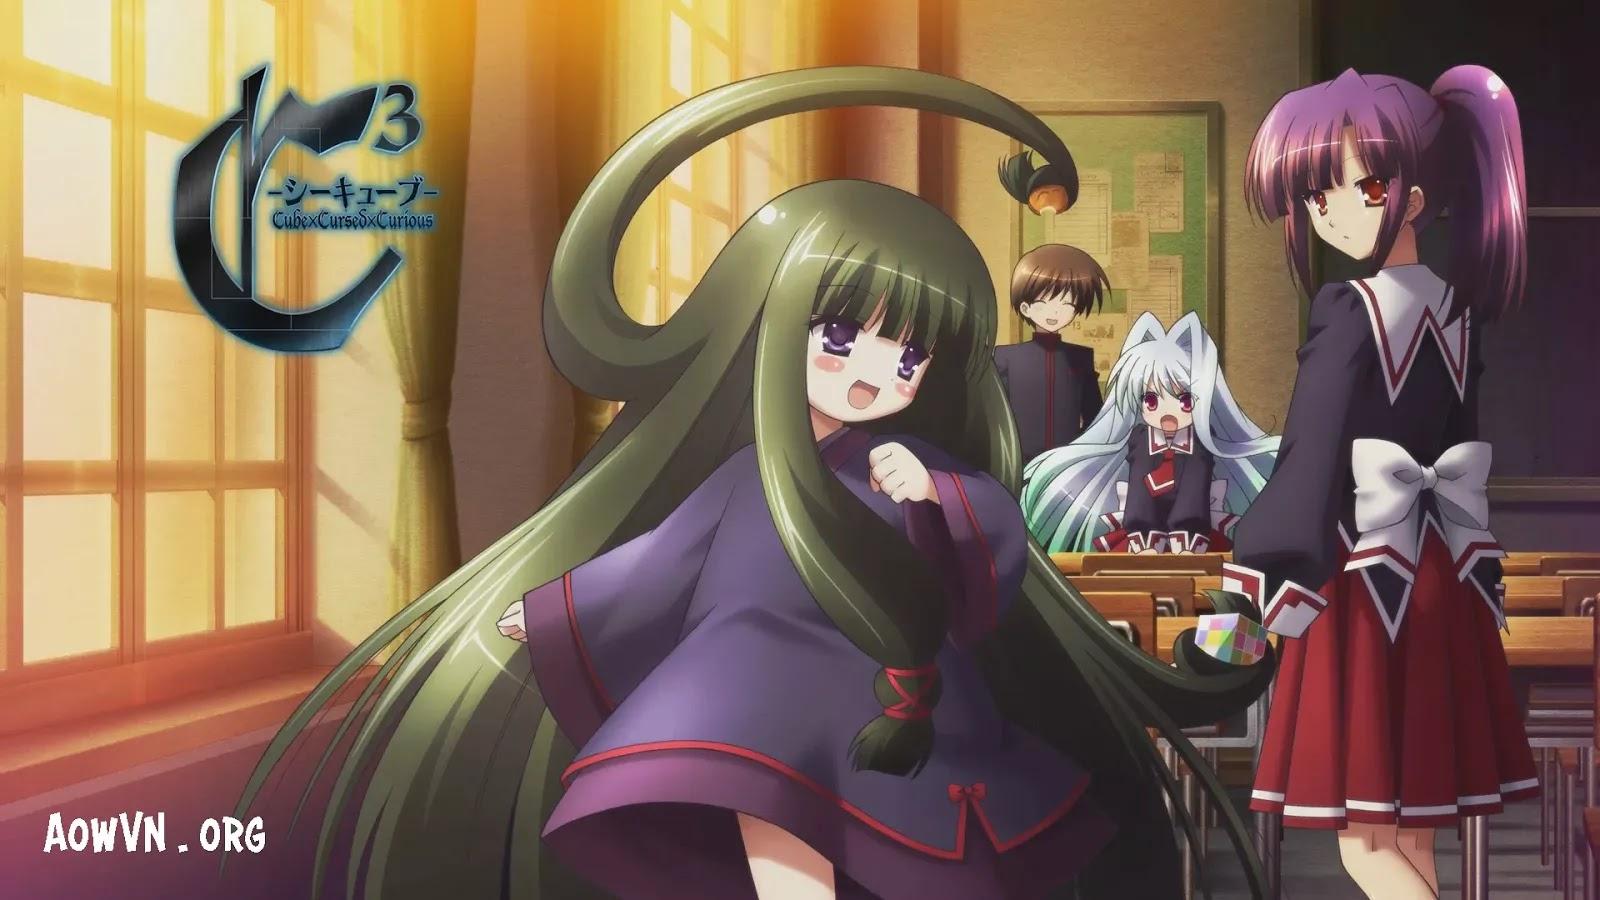 AowVN.org minz%2B%25286%2529 - [ Anime 3gp Mp4 ] C3 - Cube x Cursed x Curious | Vietsub - Loli Ecchi